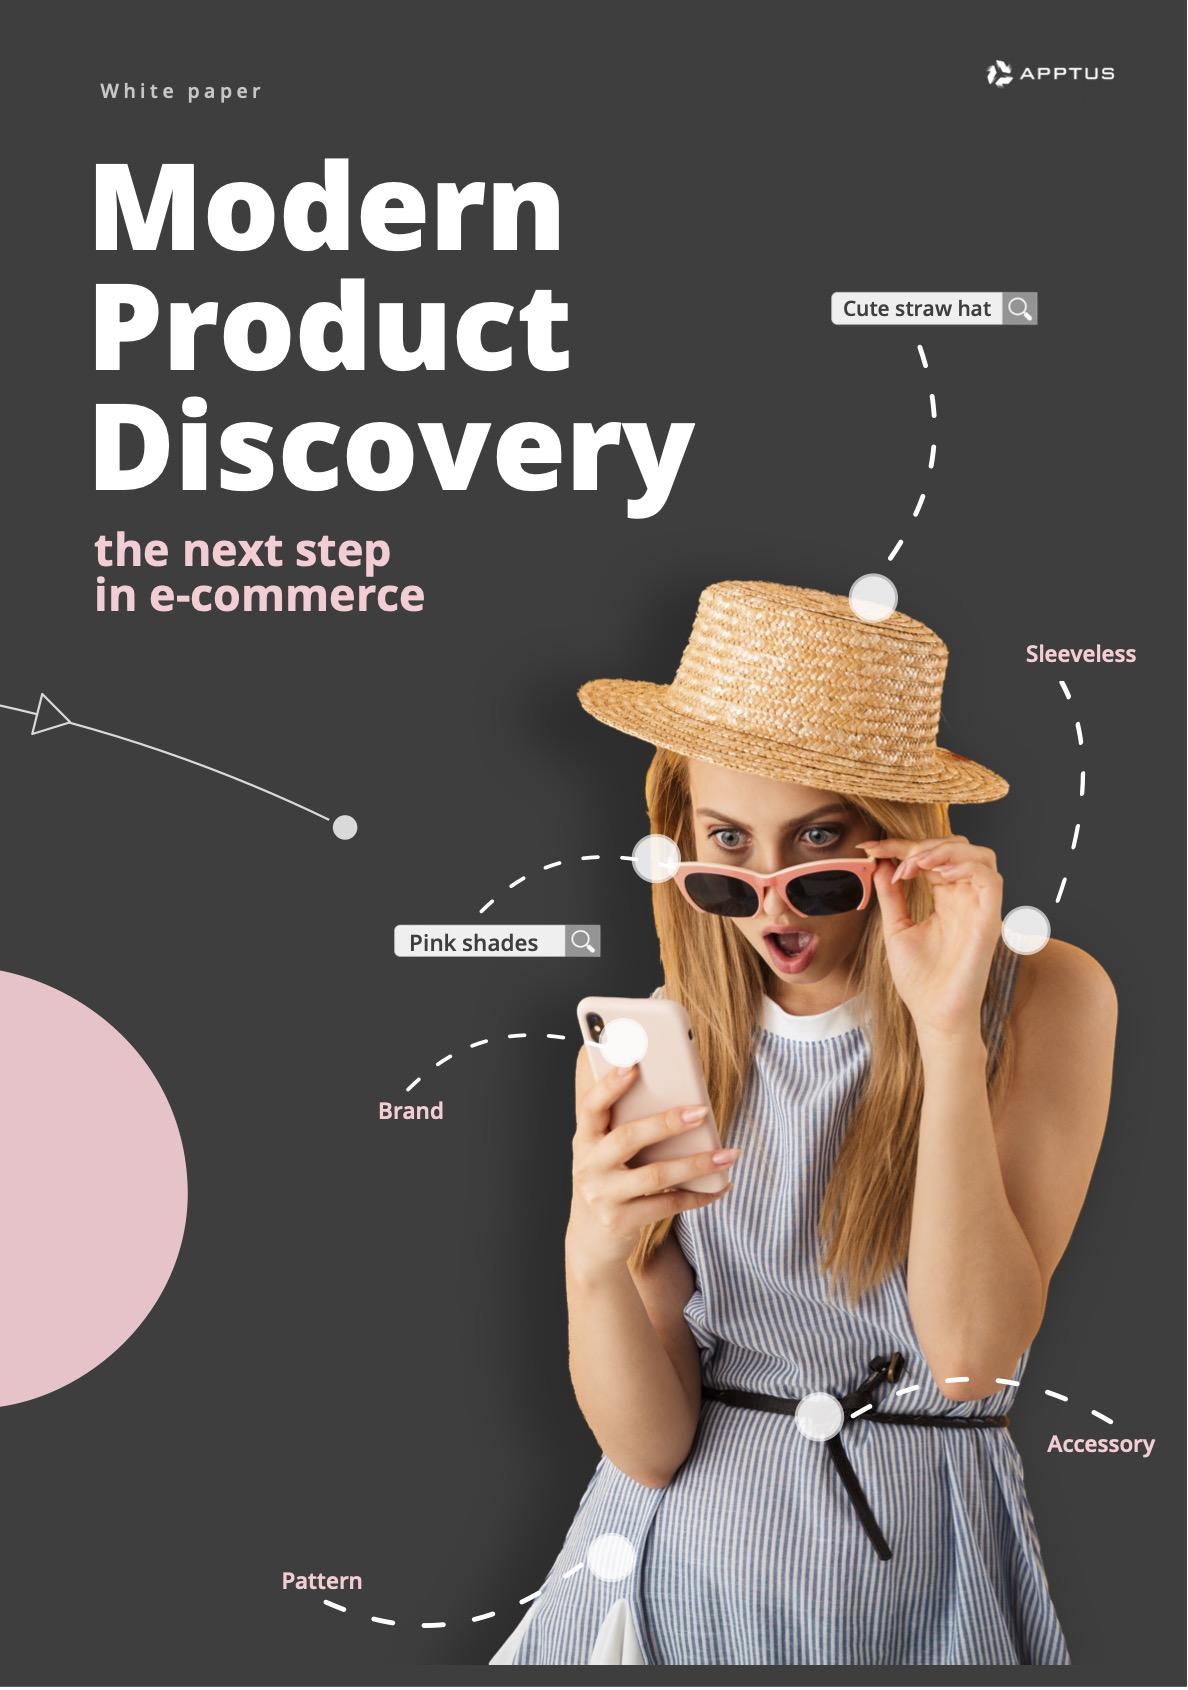 De optimale productbeleving voor digitaal winkelen